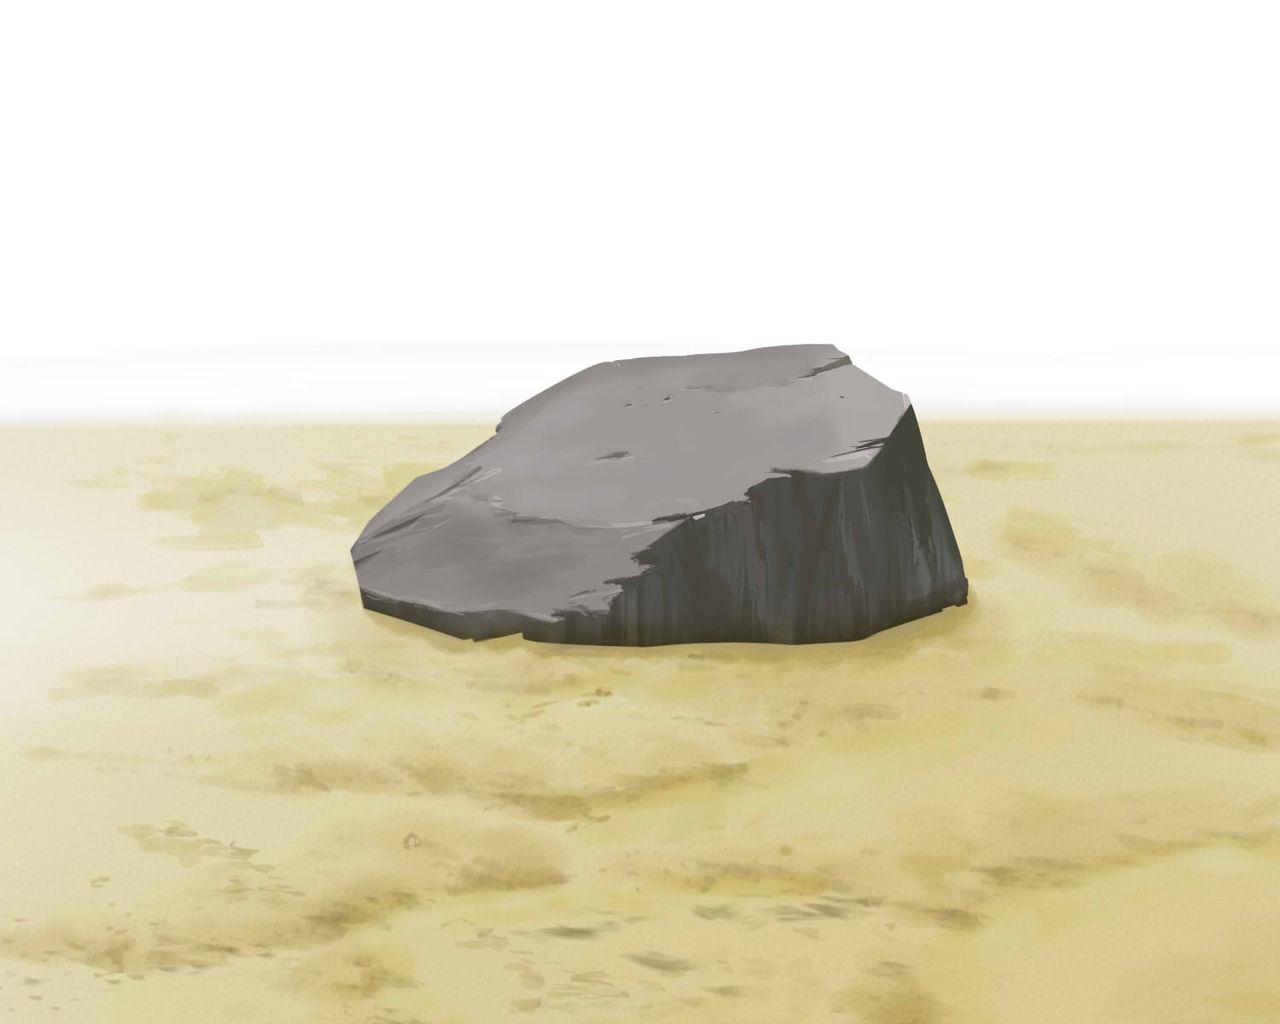 岩 カテゴリ 岩 背景CGテクニックガイドを参考に、よく描き方のわからなかった岩を描いてみました